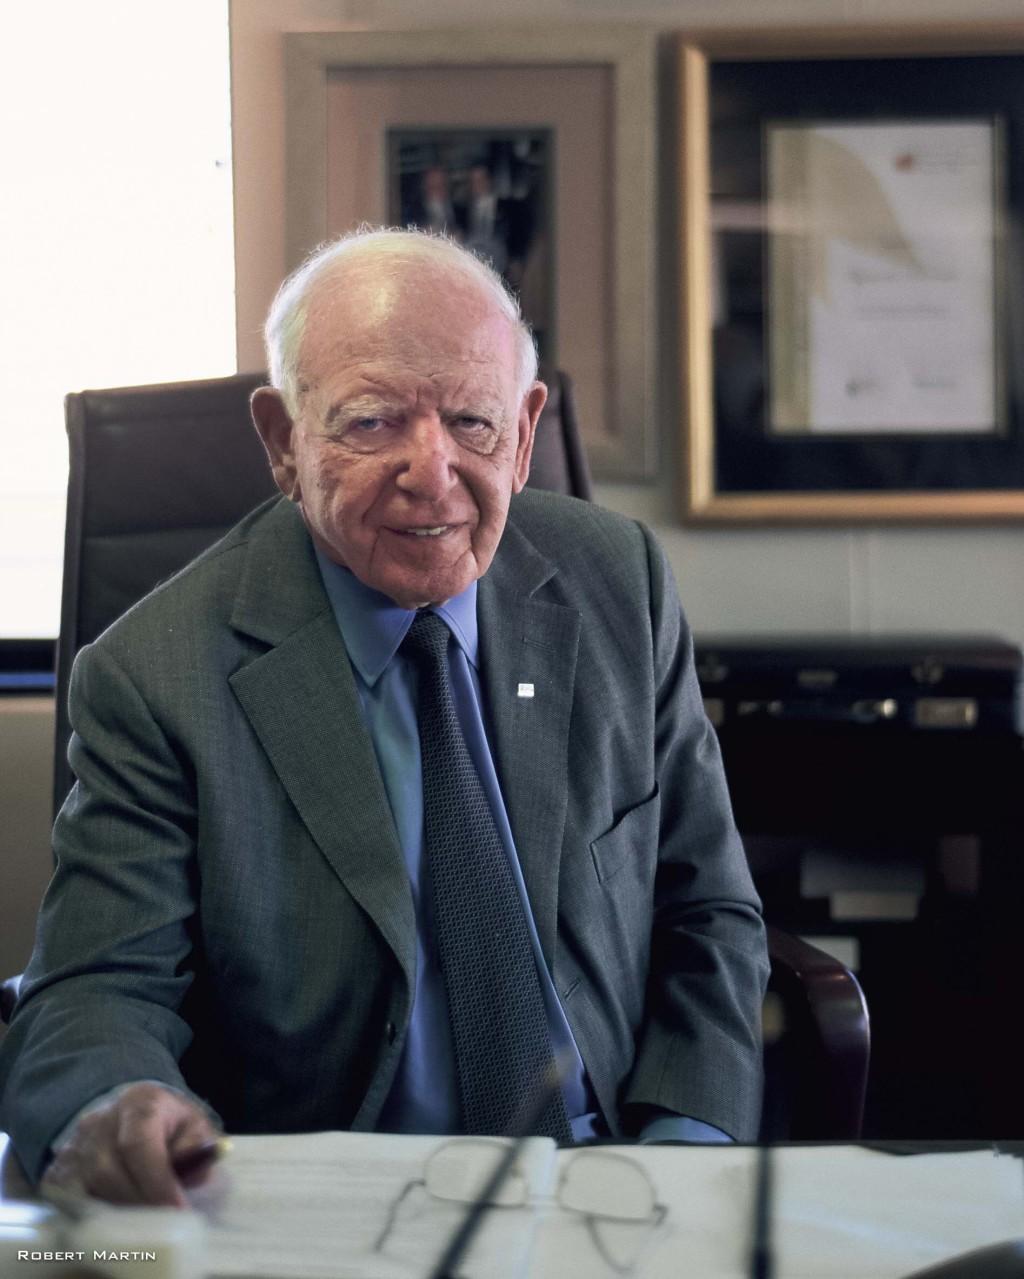 Robert Martin 18